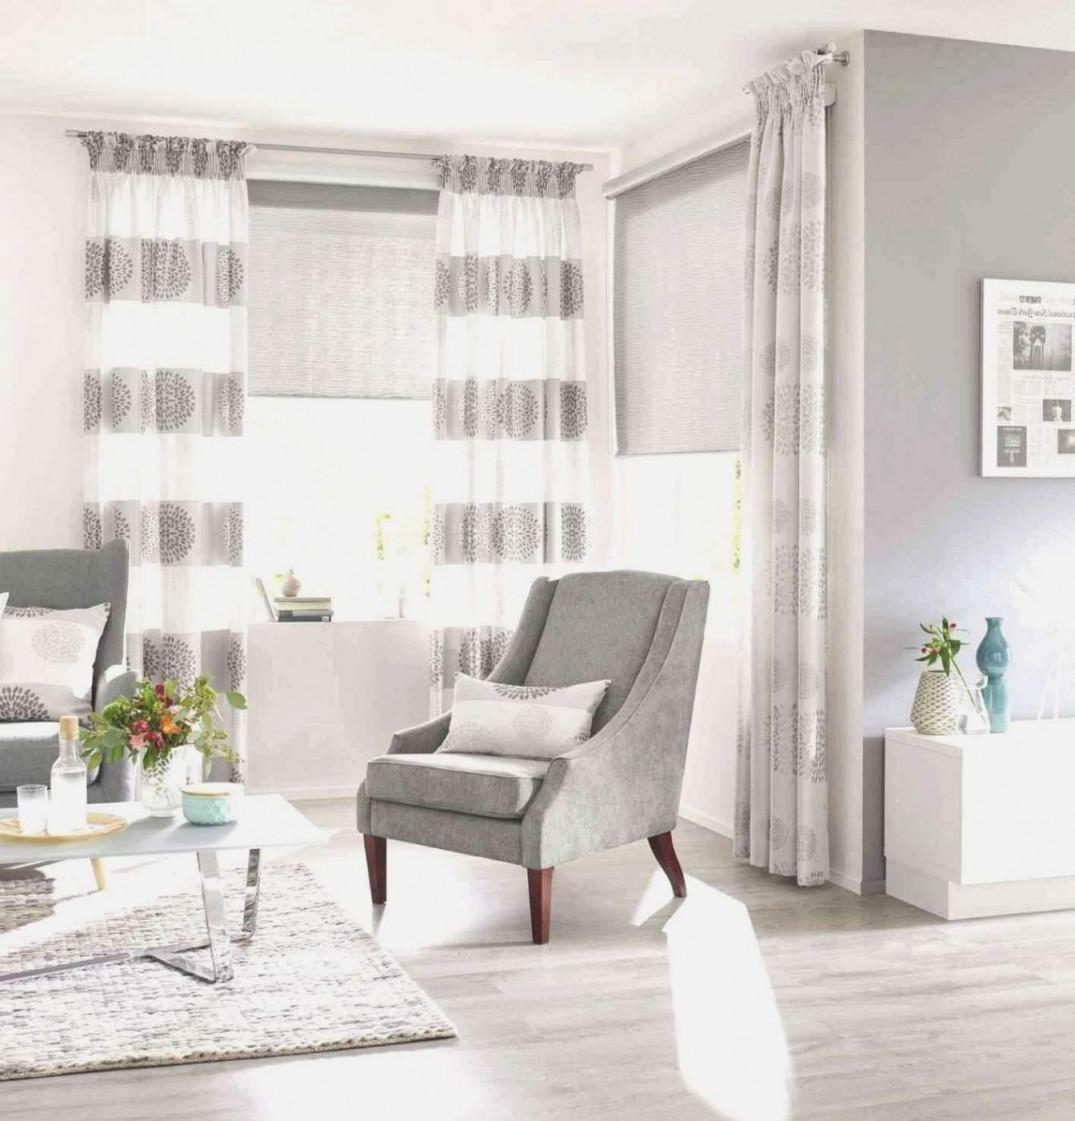 37 Luxus Moderne Gardinen Wohnzimmer Inspirierend von Gardinen Wohnzimmer Modern Bild